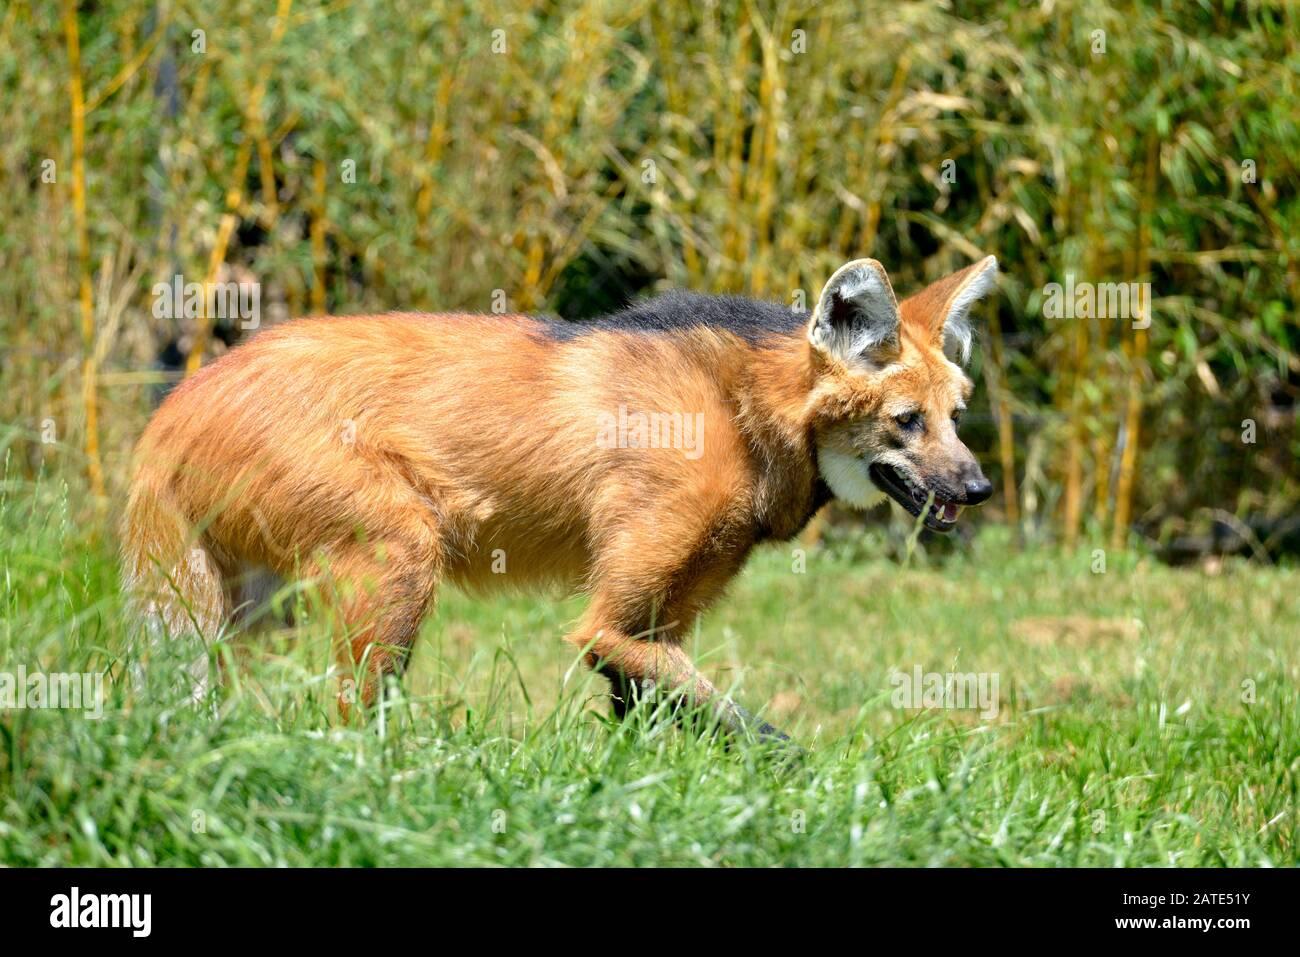 Lobo maned (Chrysocyon brachyurus) caminando en hierba y visto desde el perfil, la boca abierta Foto de stock